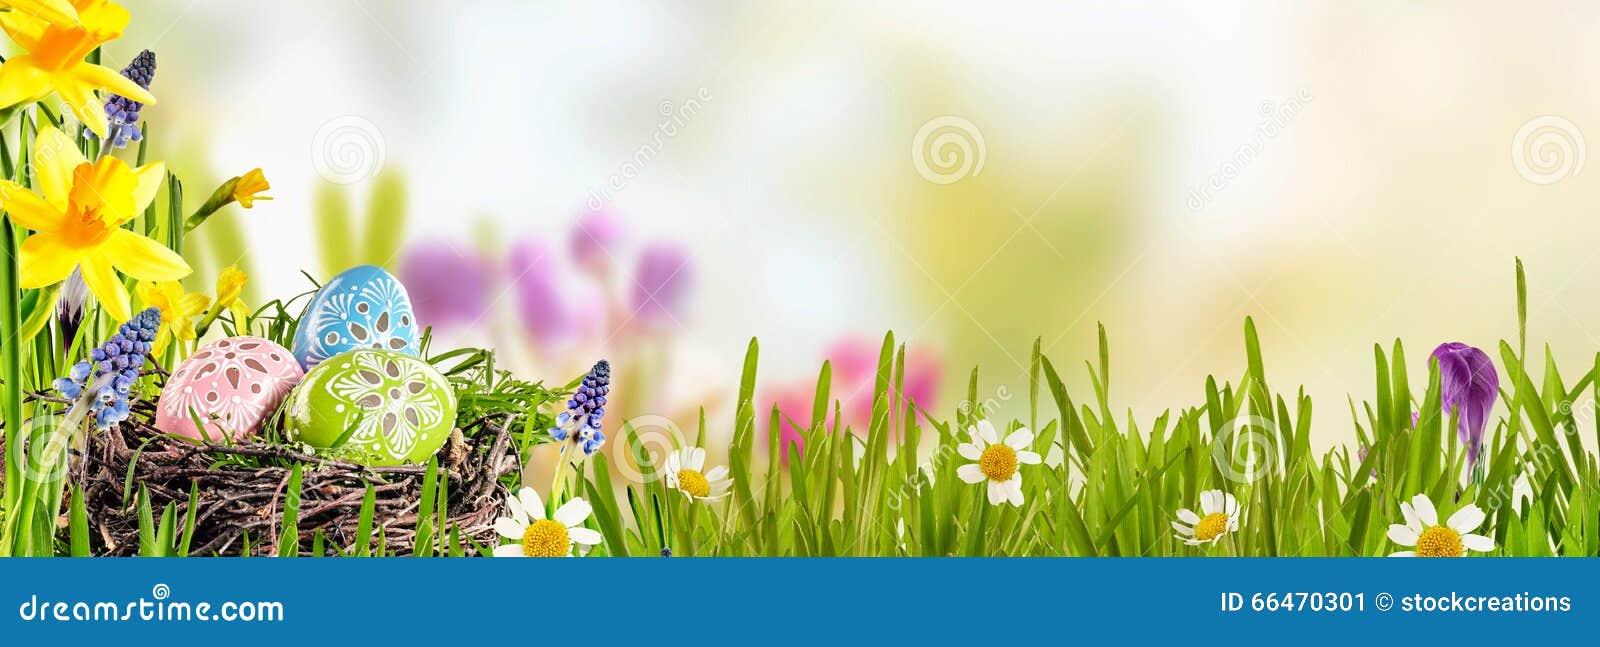 Bandera de la primavera con los huevos de Pascua